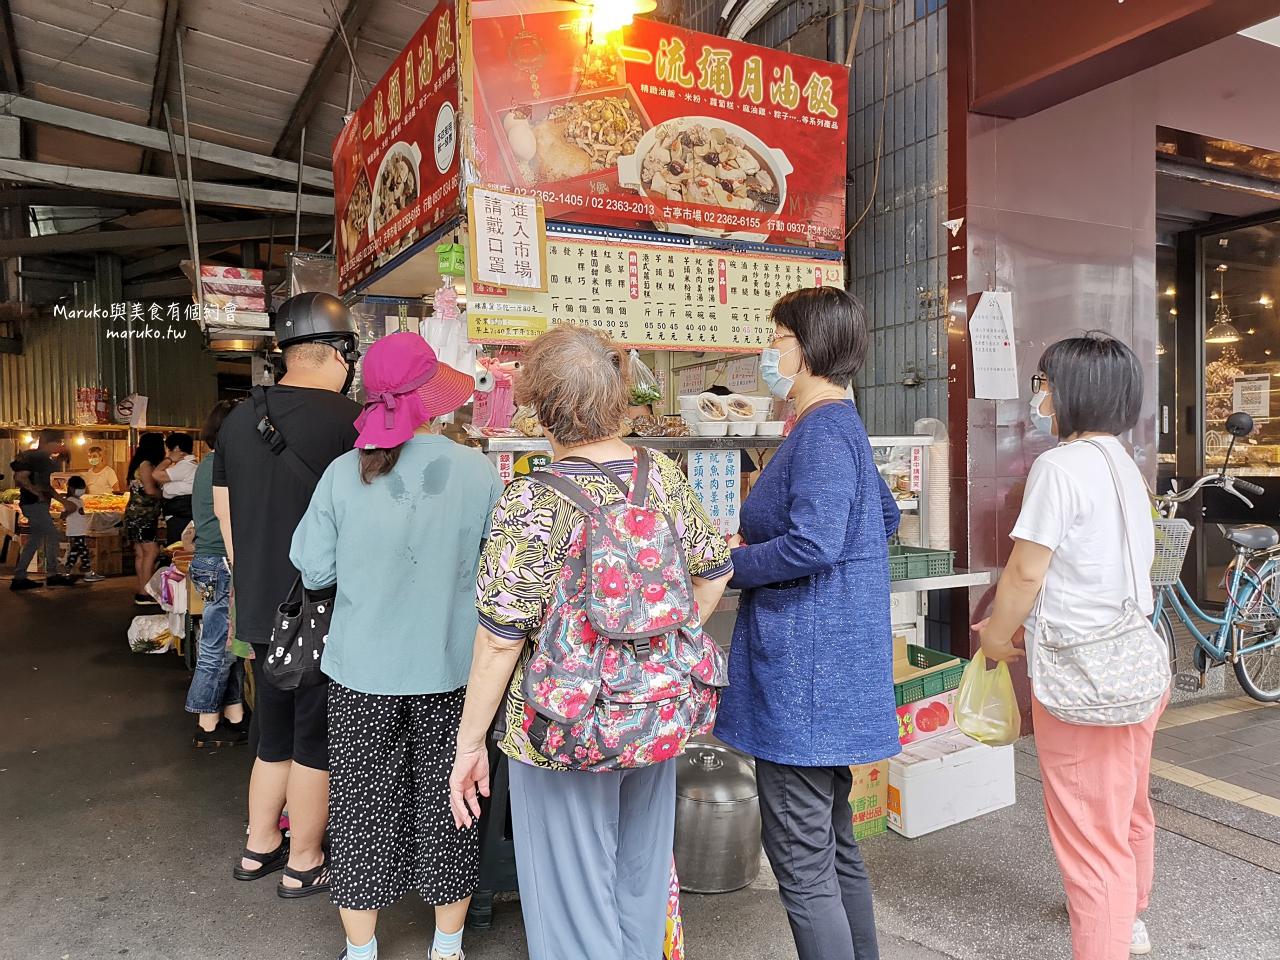 【食譜】韓國爆漿奶油起司大蒜麵包|用貝果做韓國熱門的現烤路邊攤小吃 @Maruko與美食有個約會